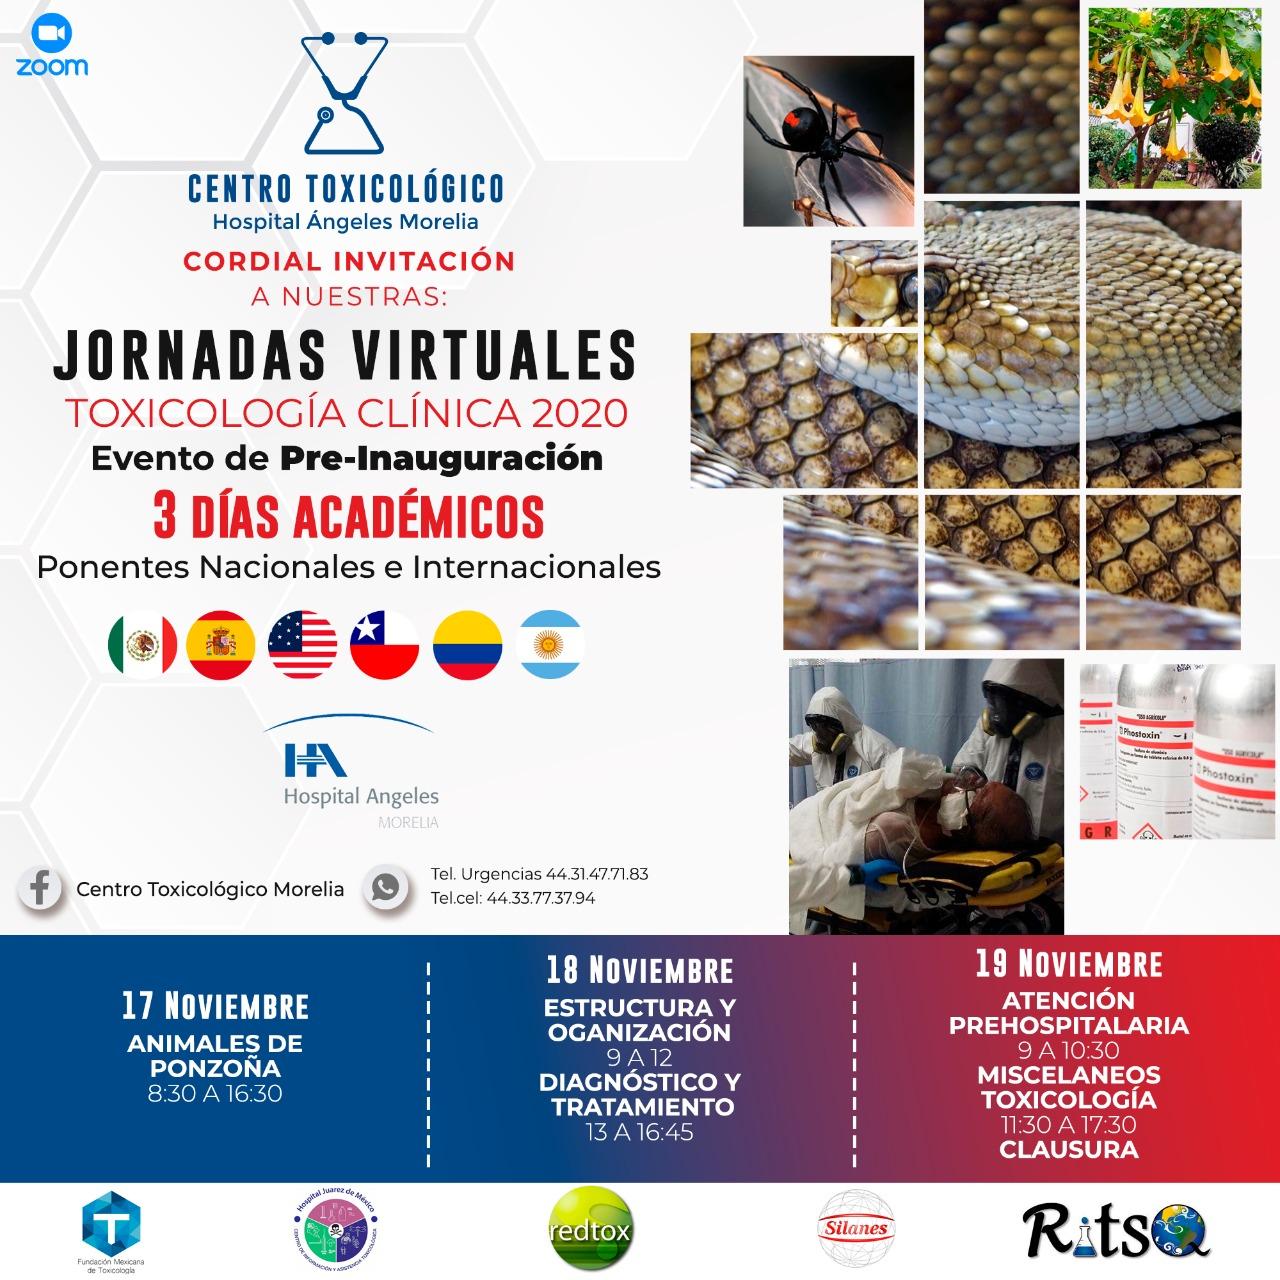 Jornadas Virtuales de Toxicología Clínica 2020